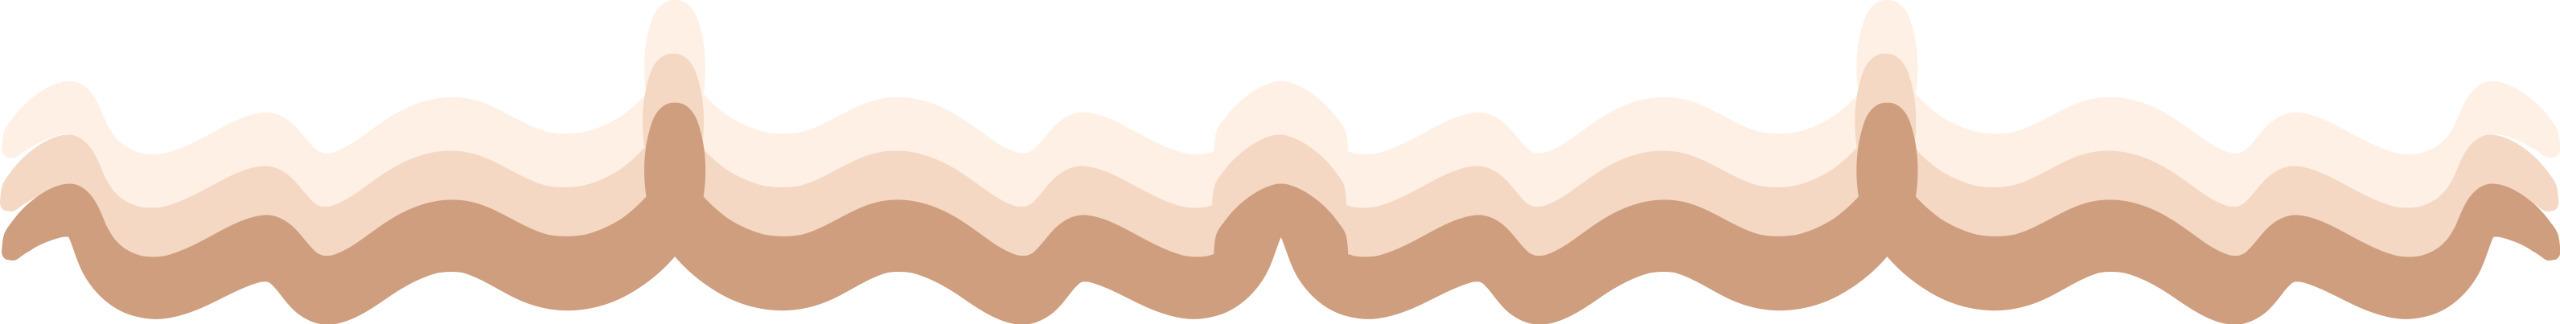 Obraz przedstawia trzy kształty przypominające fale w odcieniach beżu.